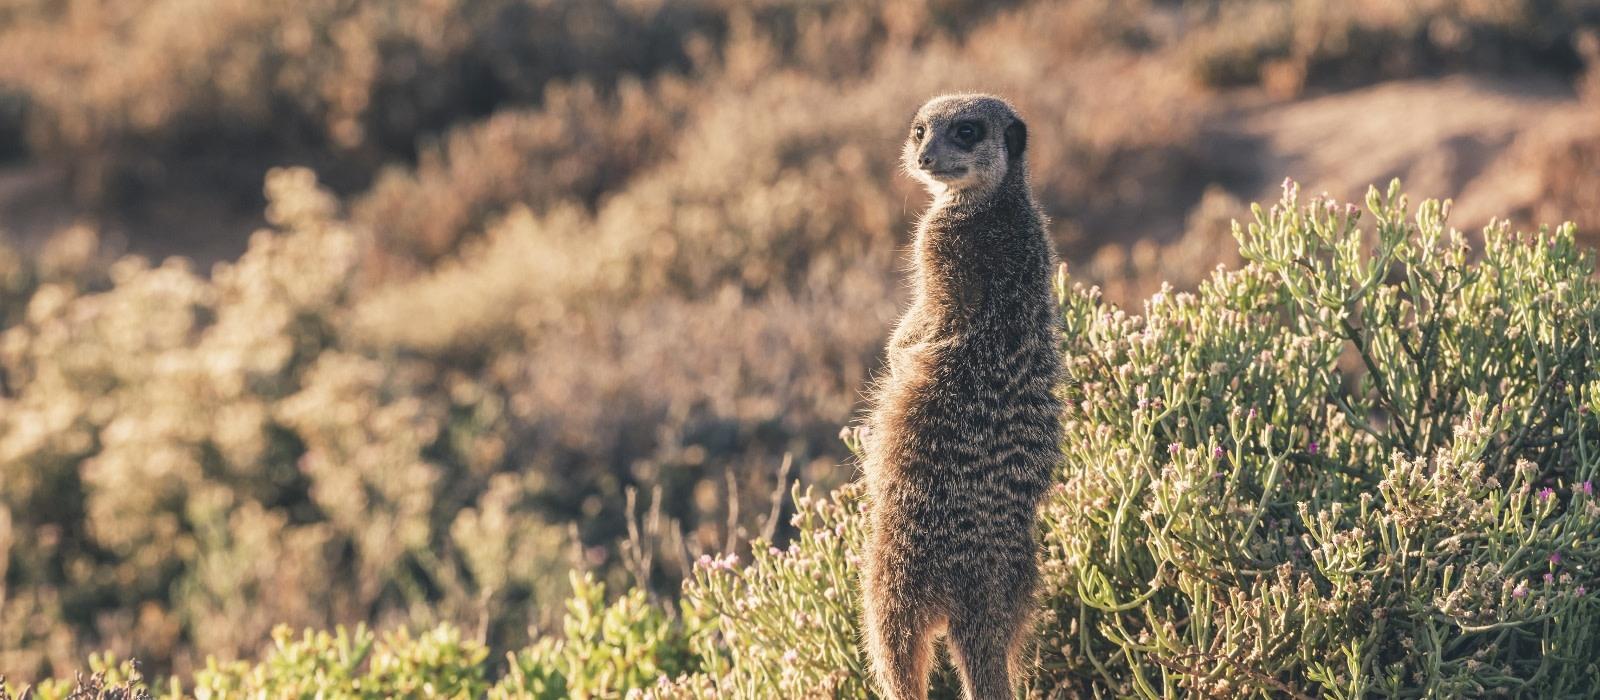 Südafrika & Mauritius: Wilde Tiere, weites Land & tropische Träume Urlaub 1